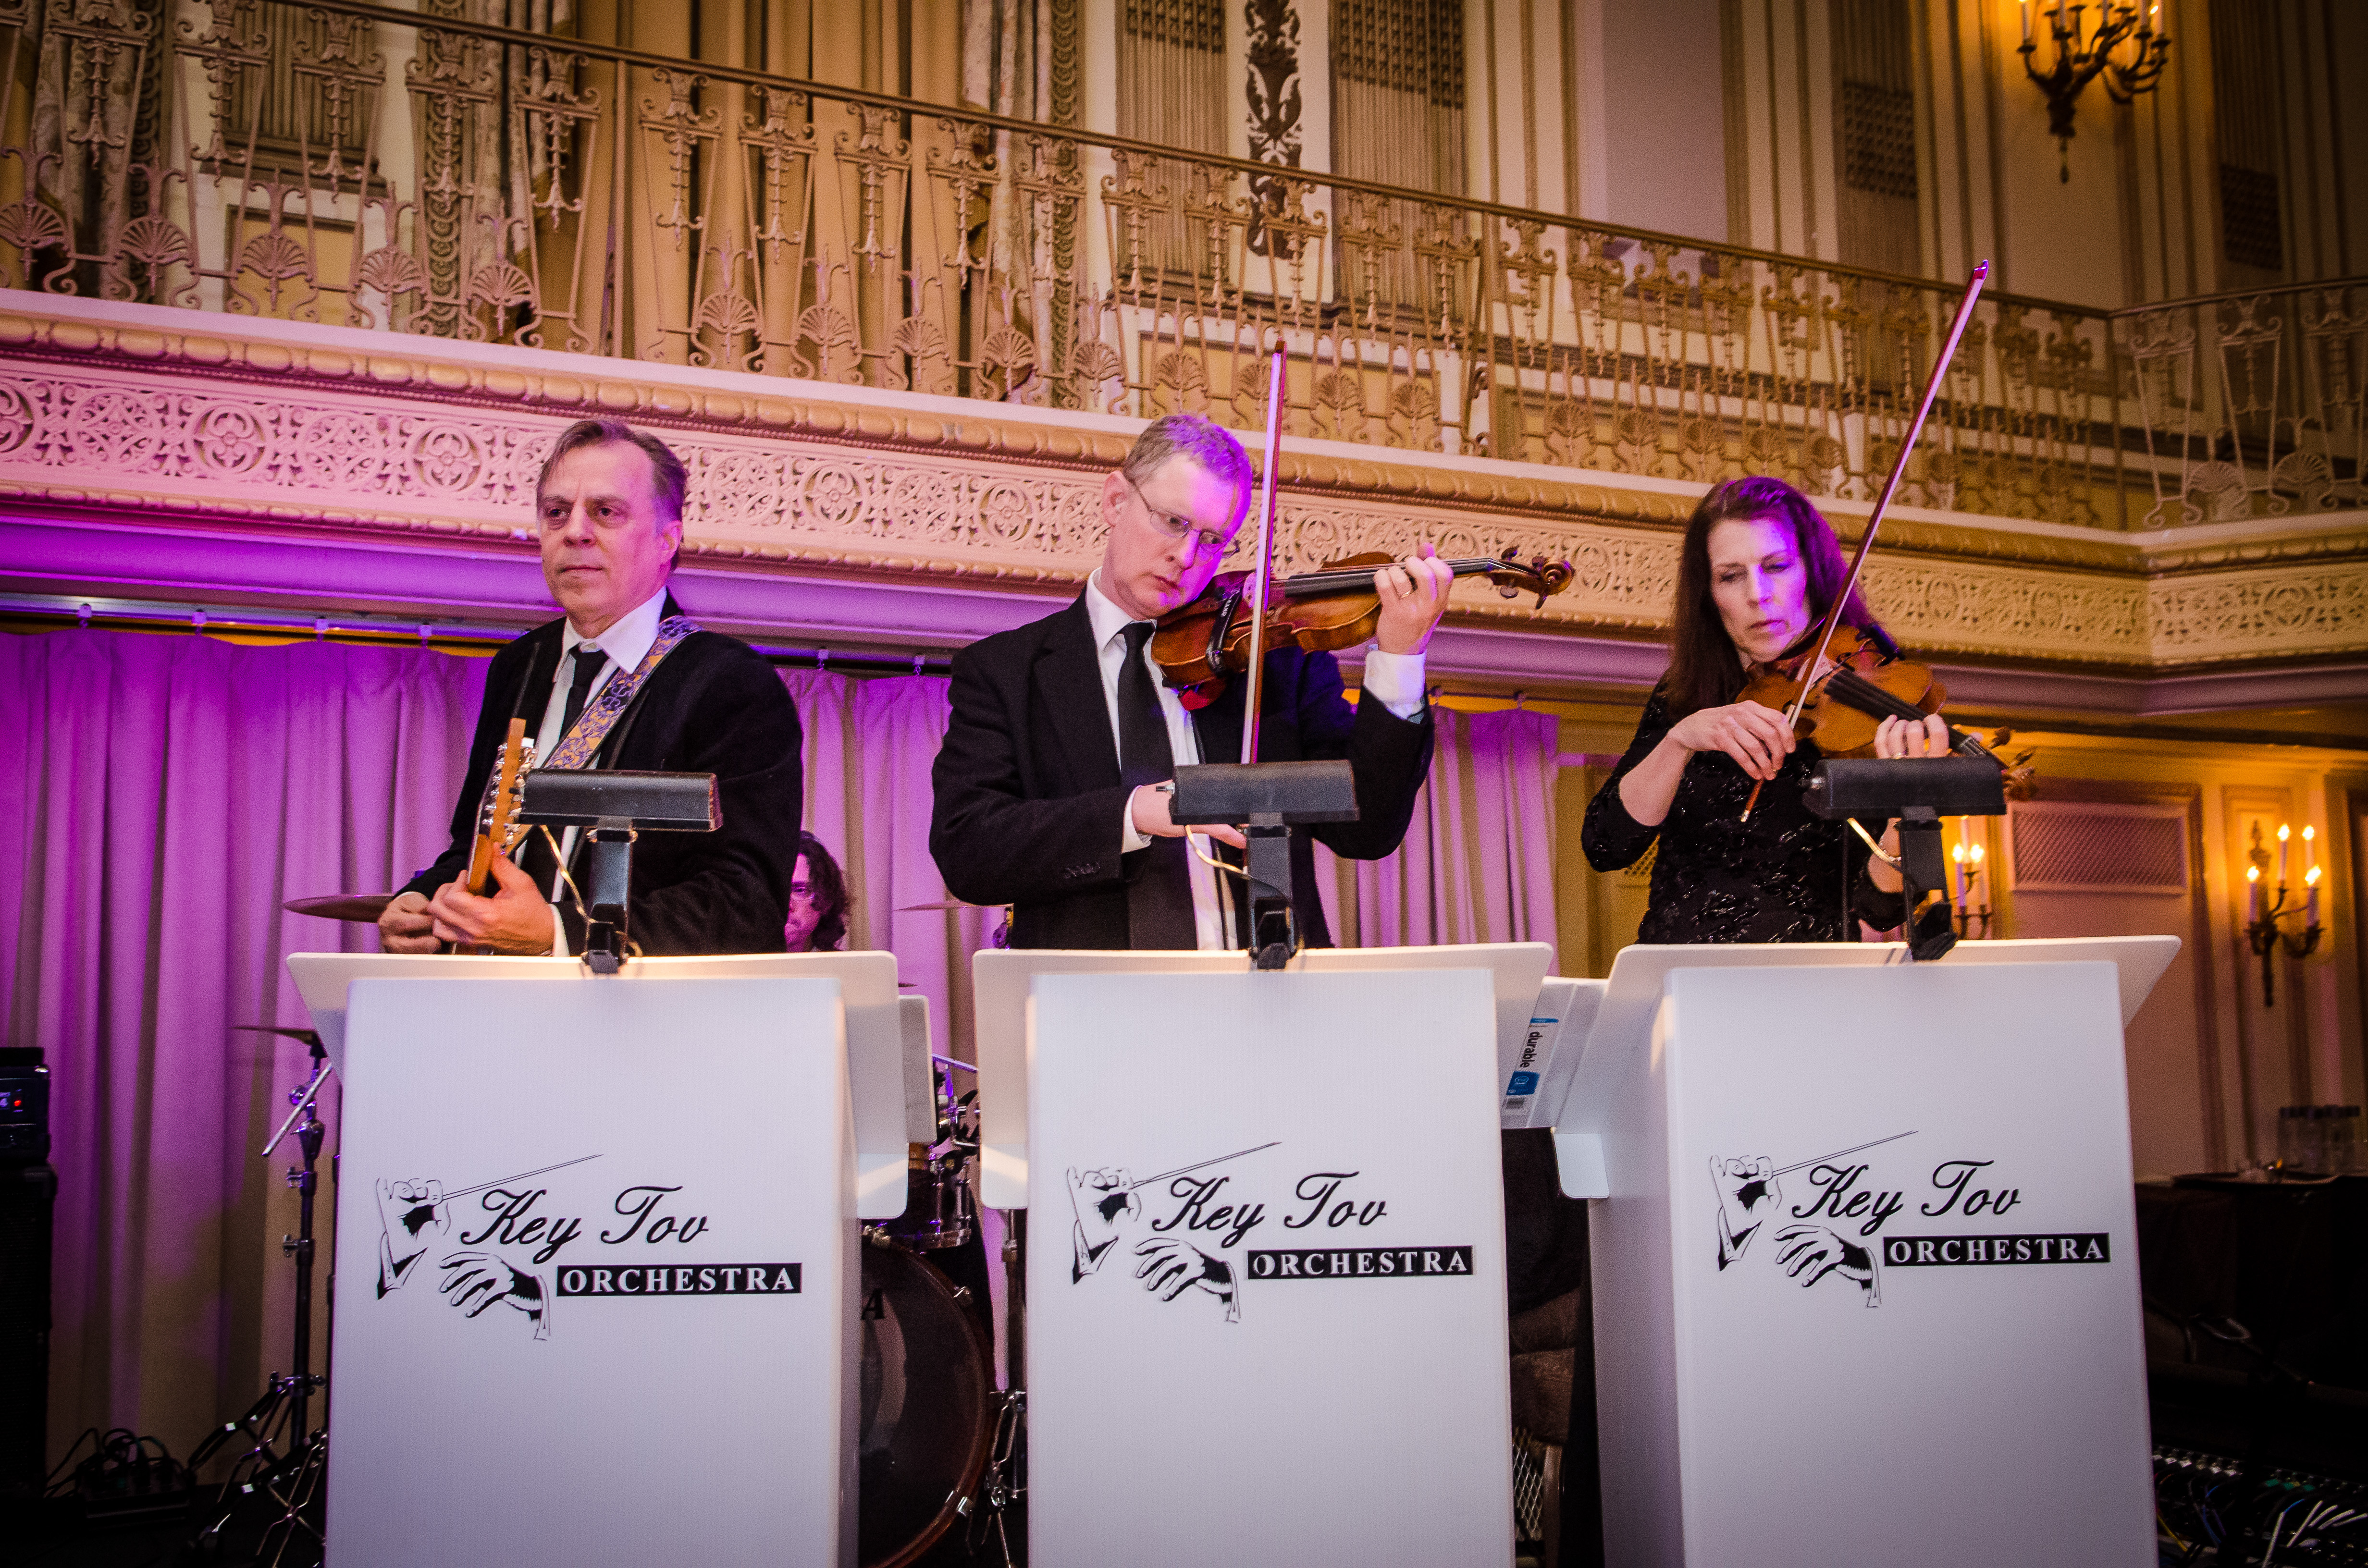 Key Tov Orchestra - Key Tov Orchestra